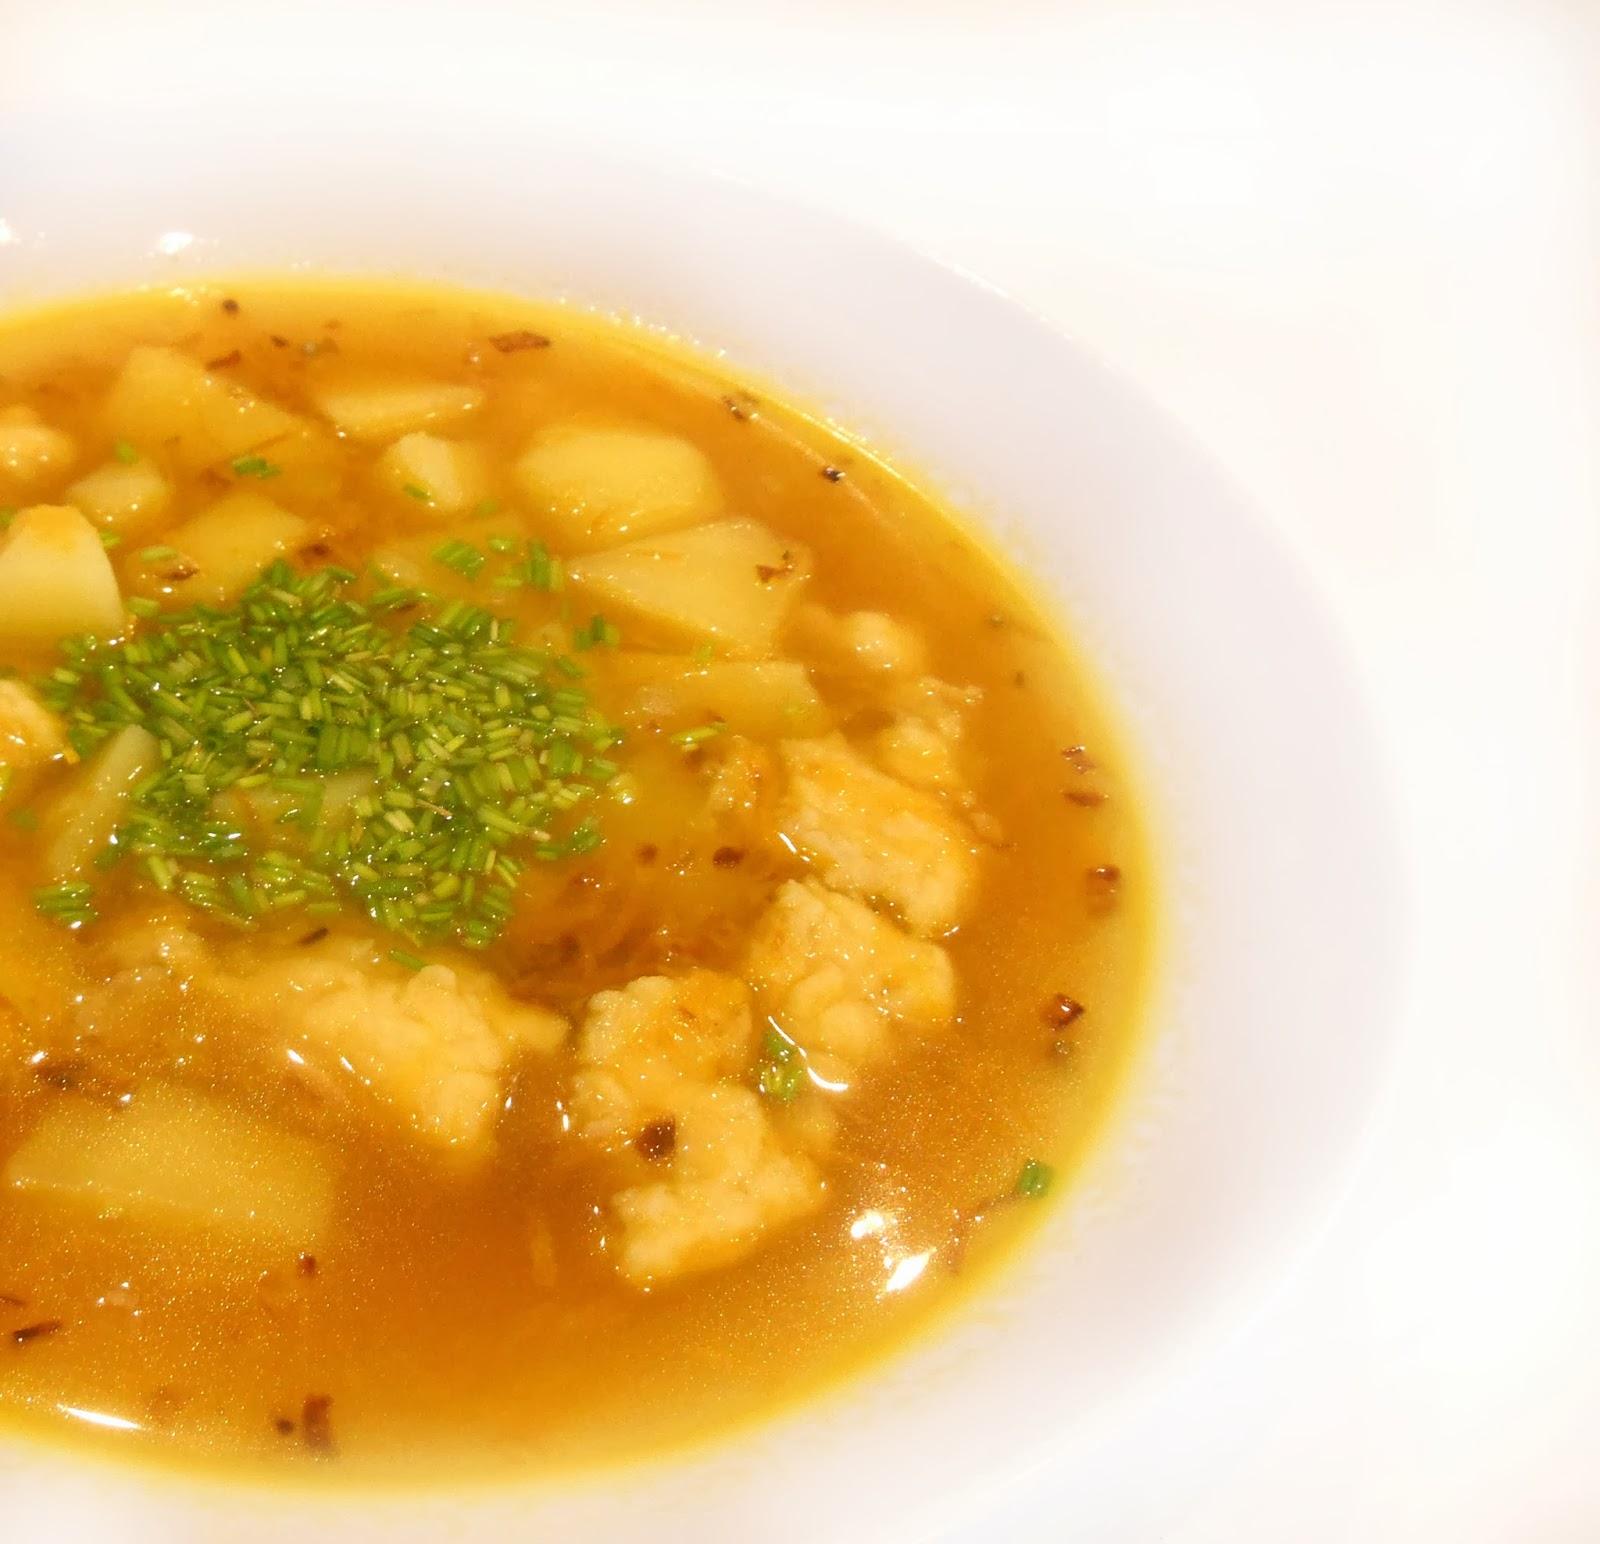 Суп Том ям - рецепт приготовления с фото 92